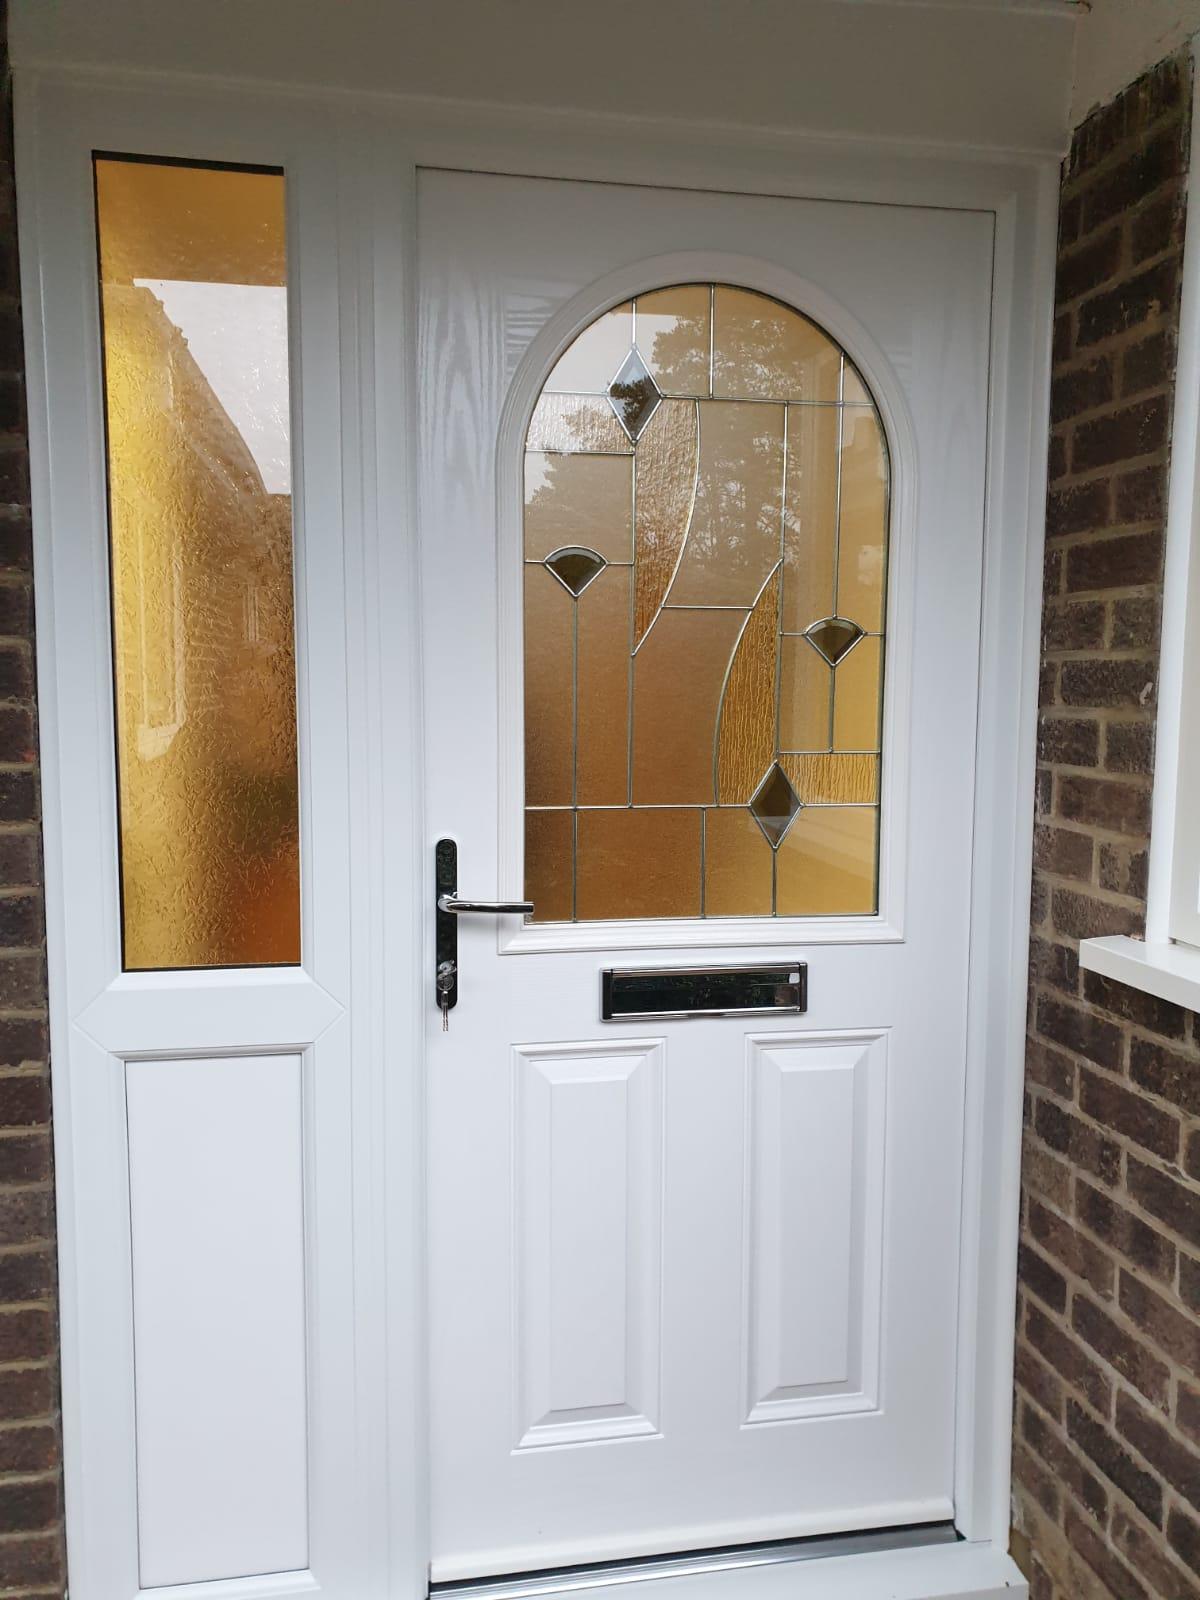 front uPVc doors